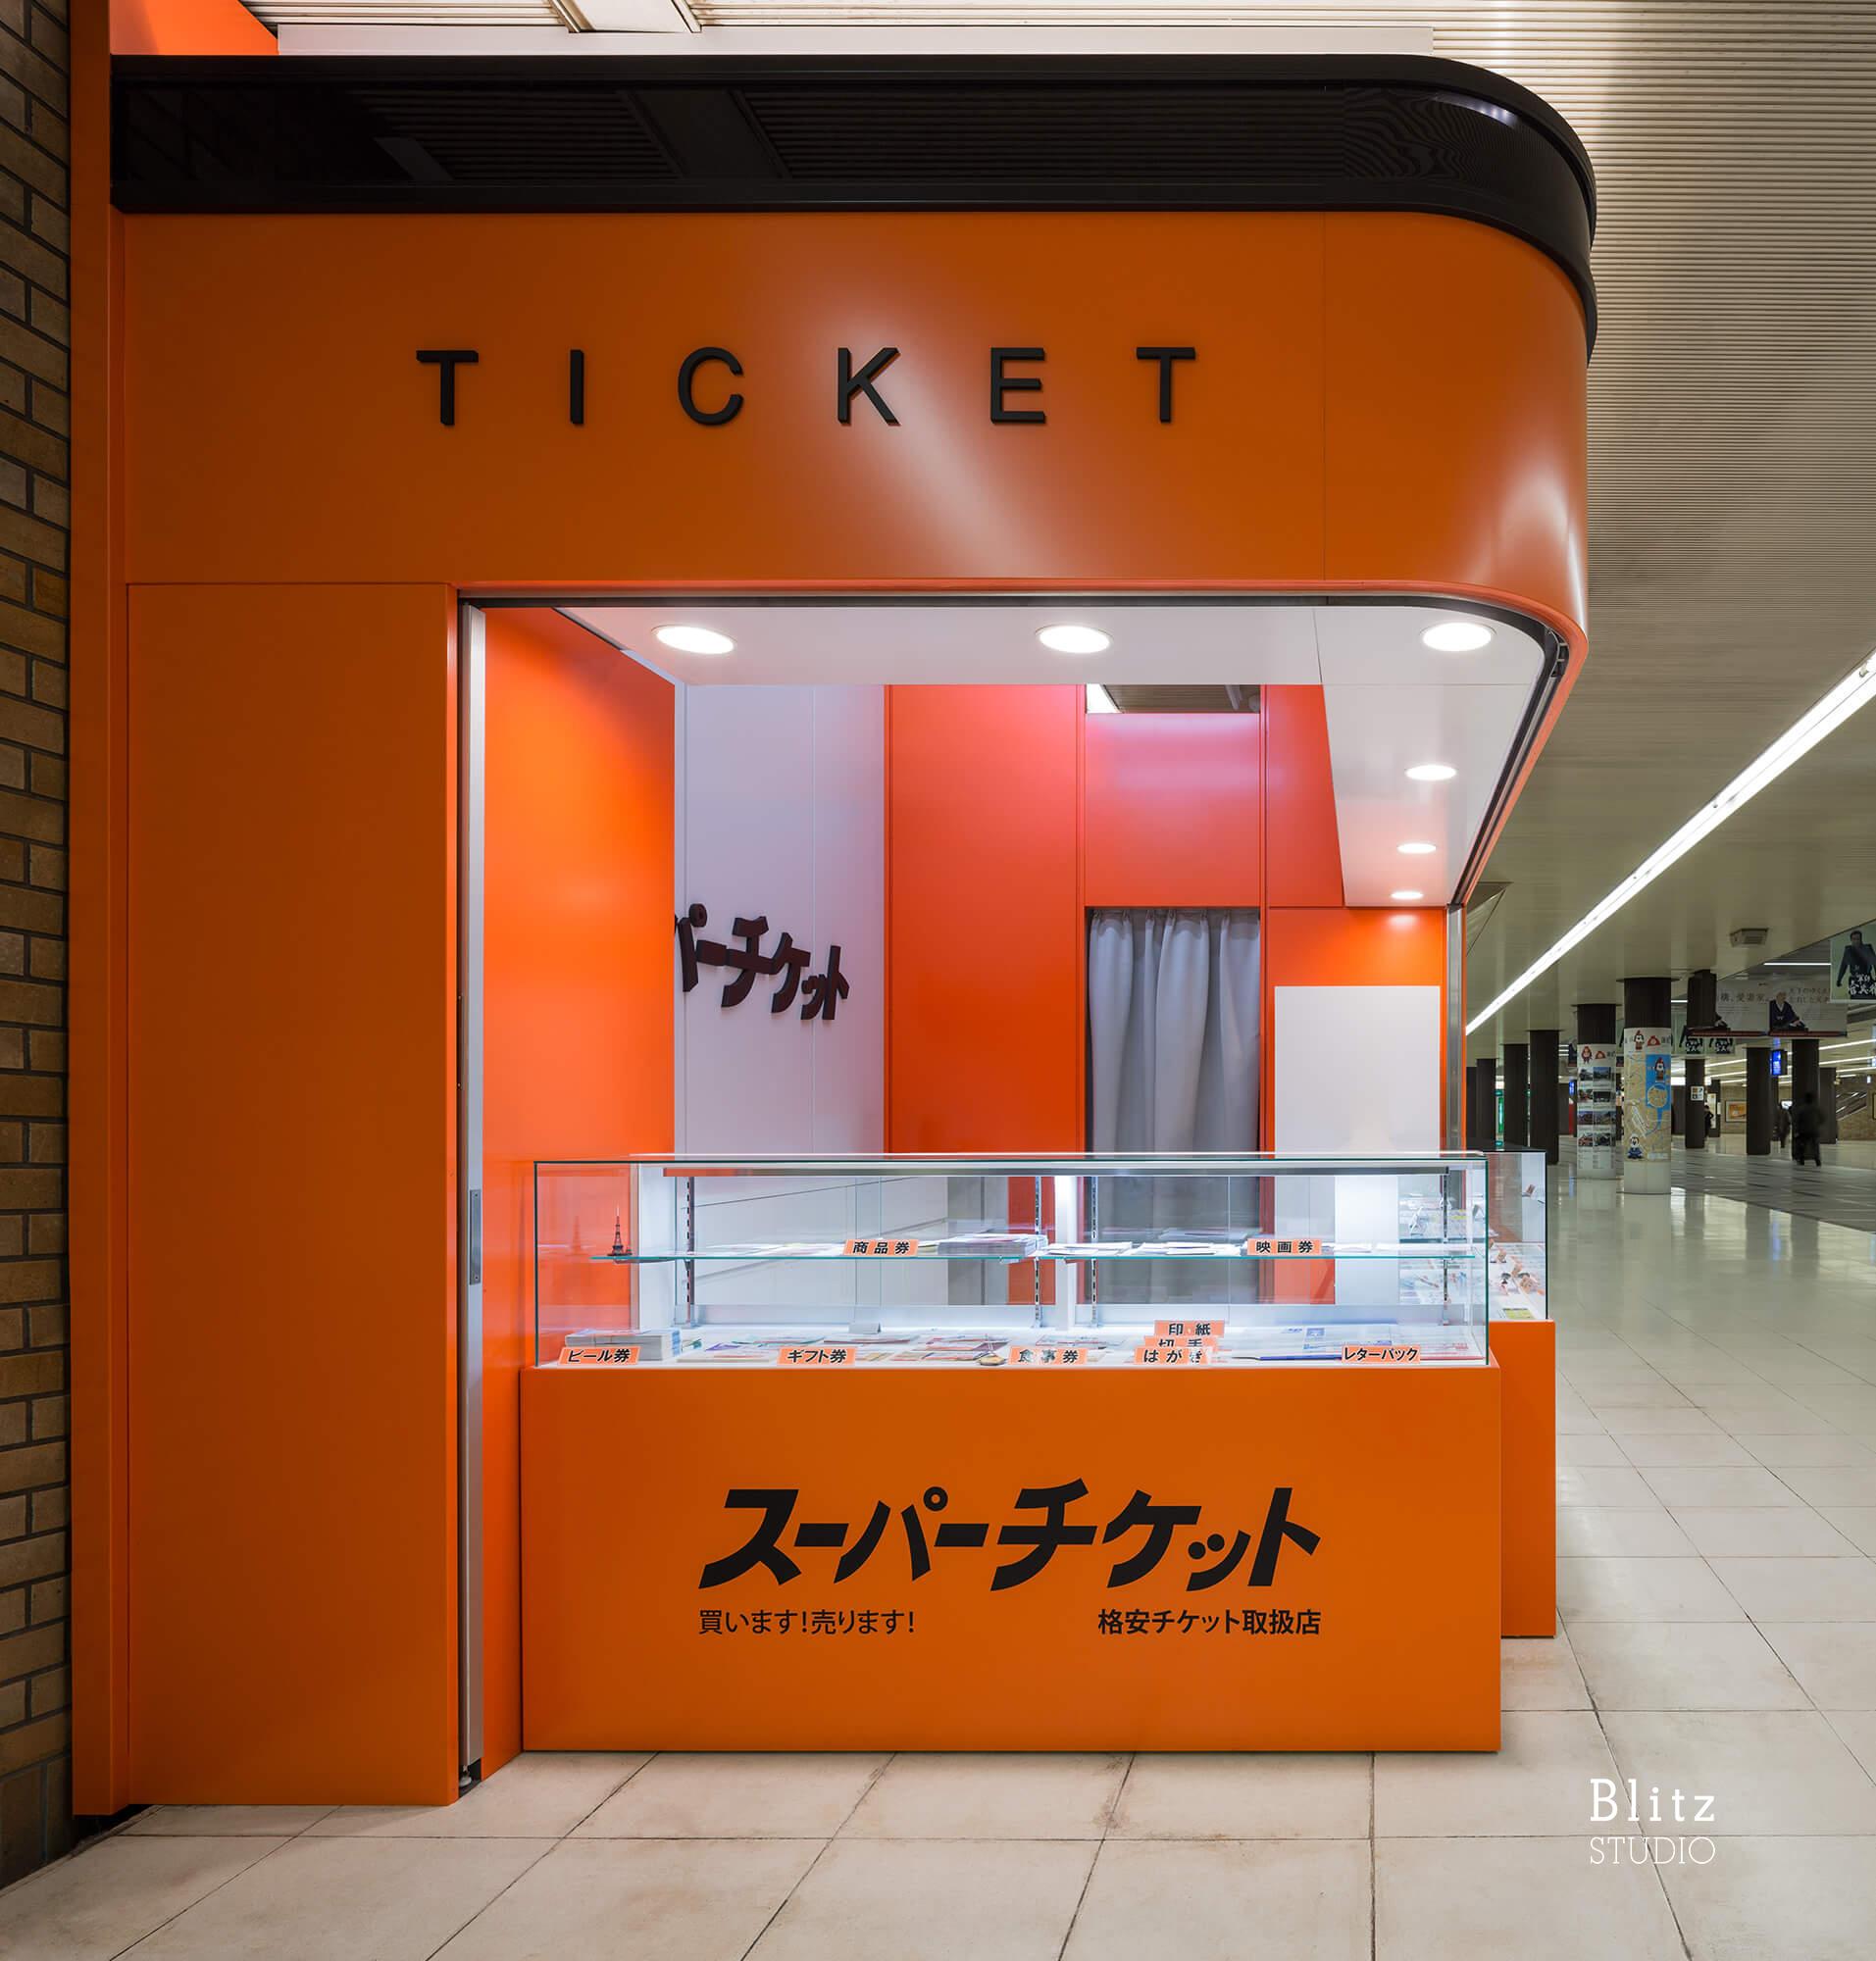 『スーパーチケット 地下鉄博多口店』建築写真・竣工写真・インテリア写真7